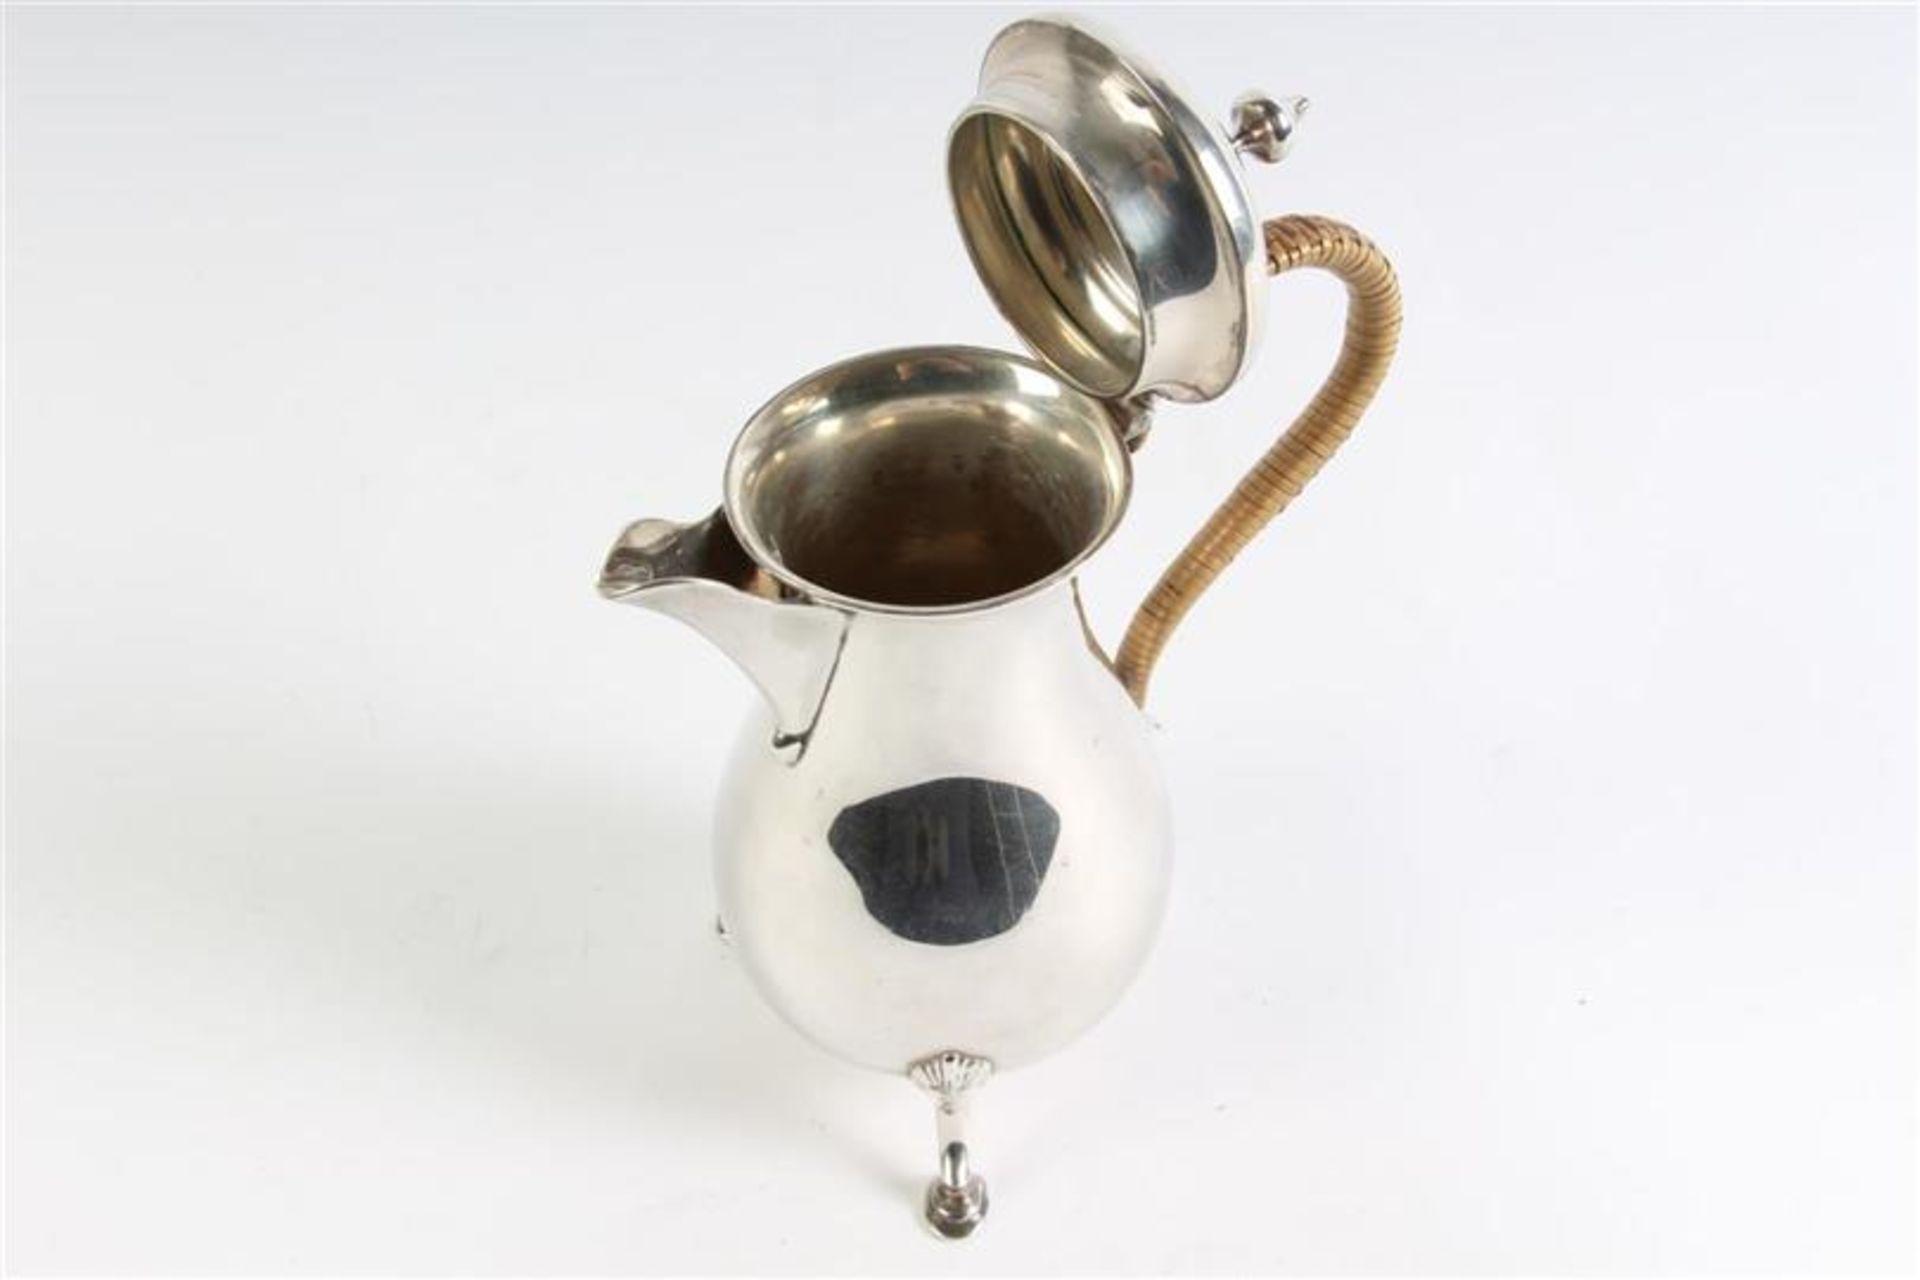 Zilveren kannetje met rotan oor, Engels gekeurd. Gewicht: 355.7 g. - Bild 4 aus 5